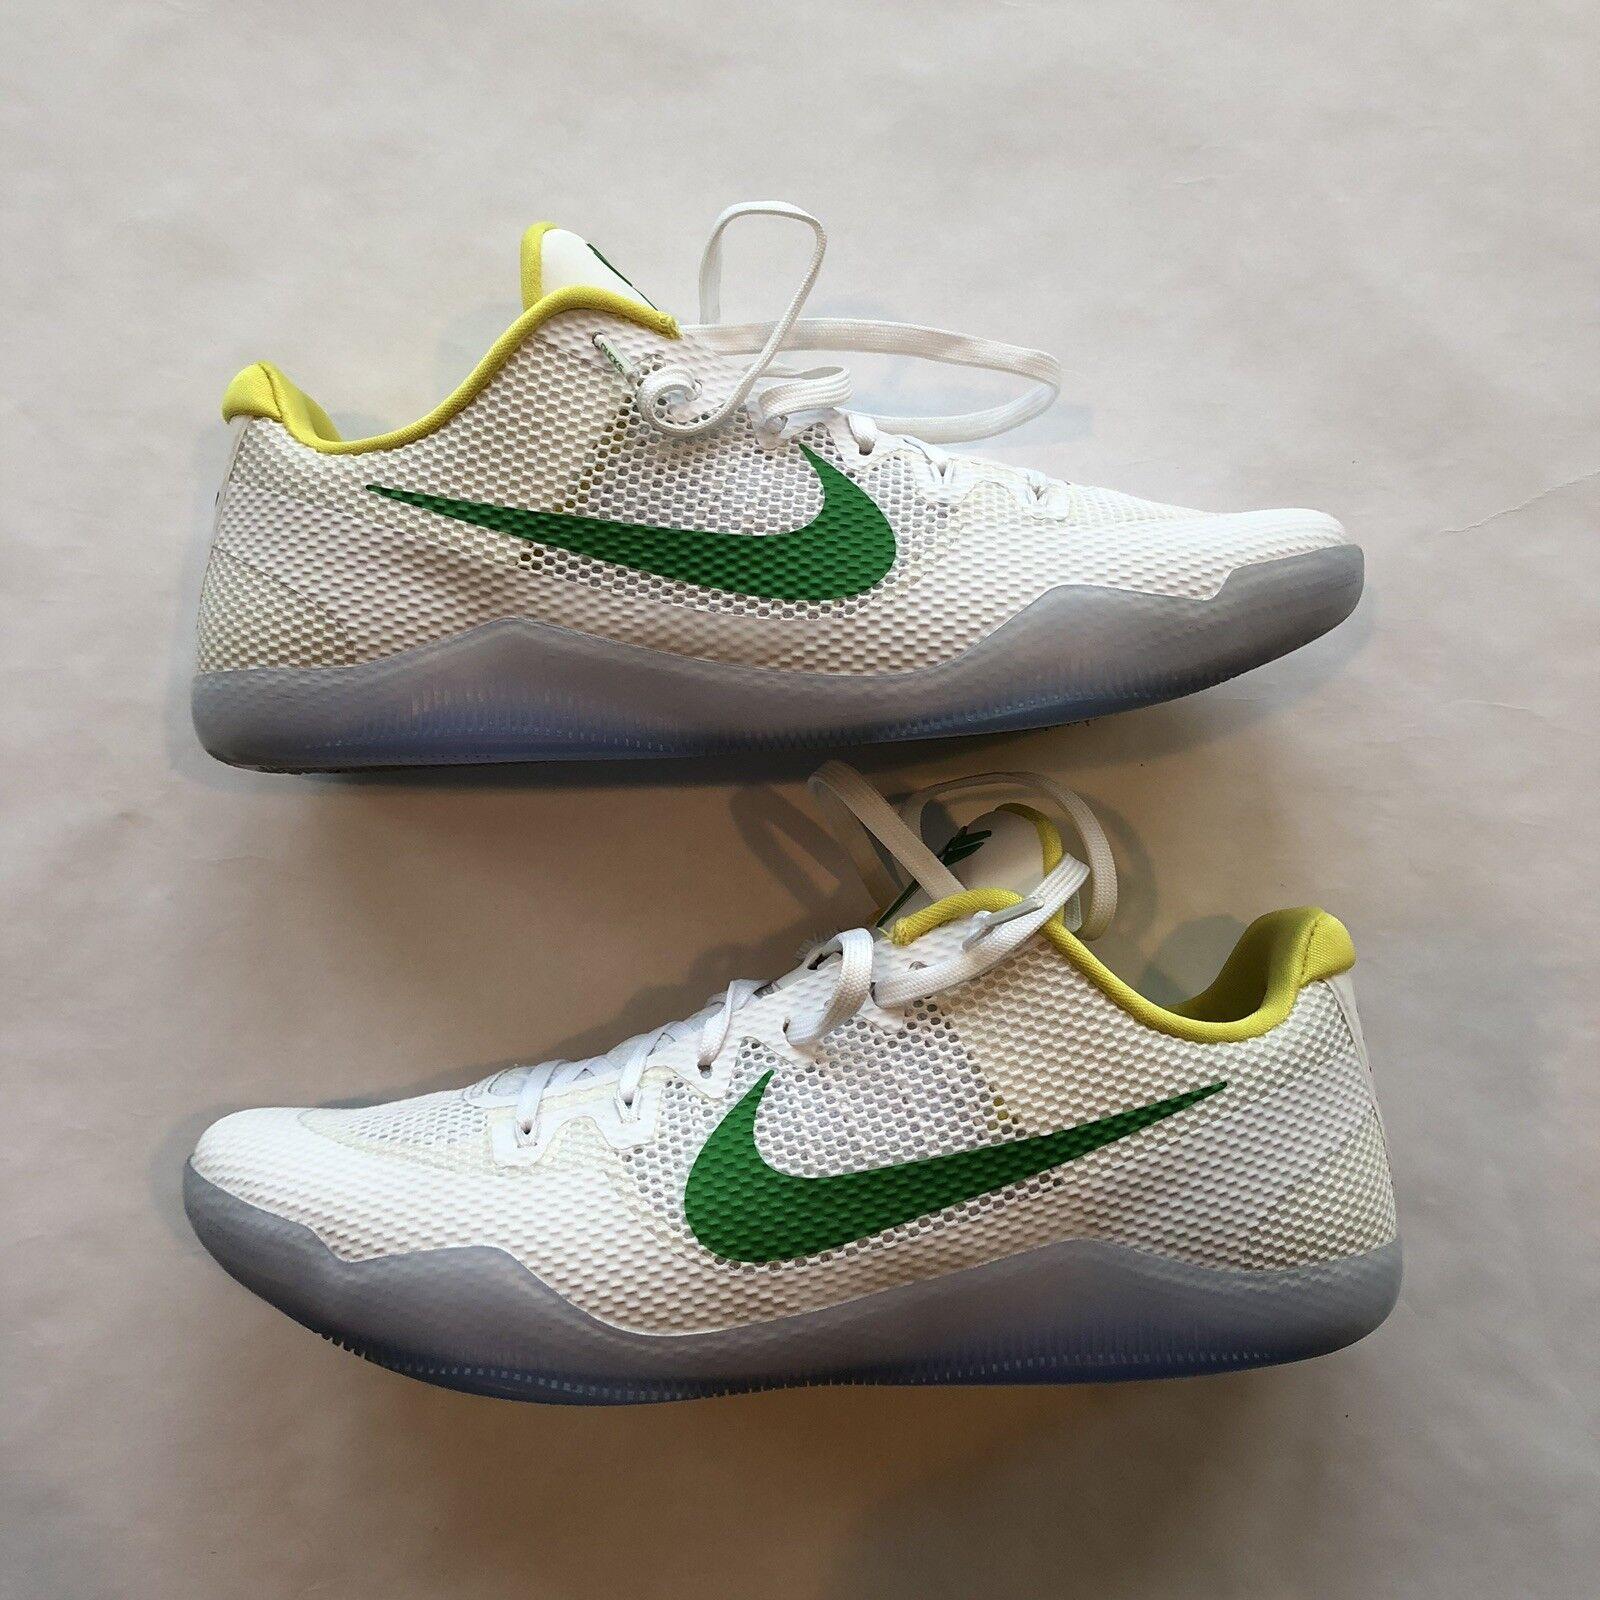 Kobe 11 PE Oregon 13